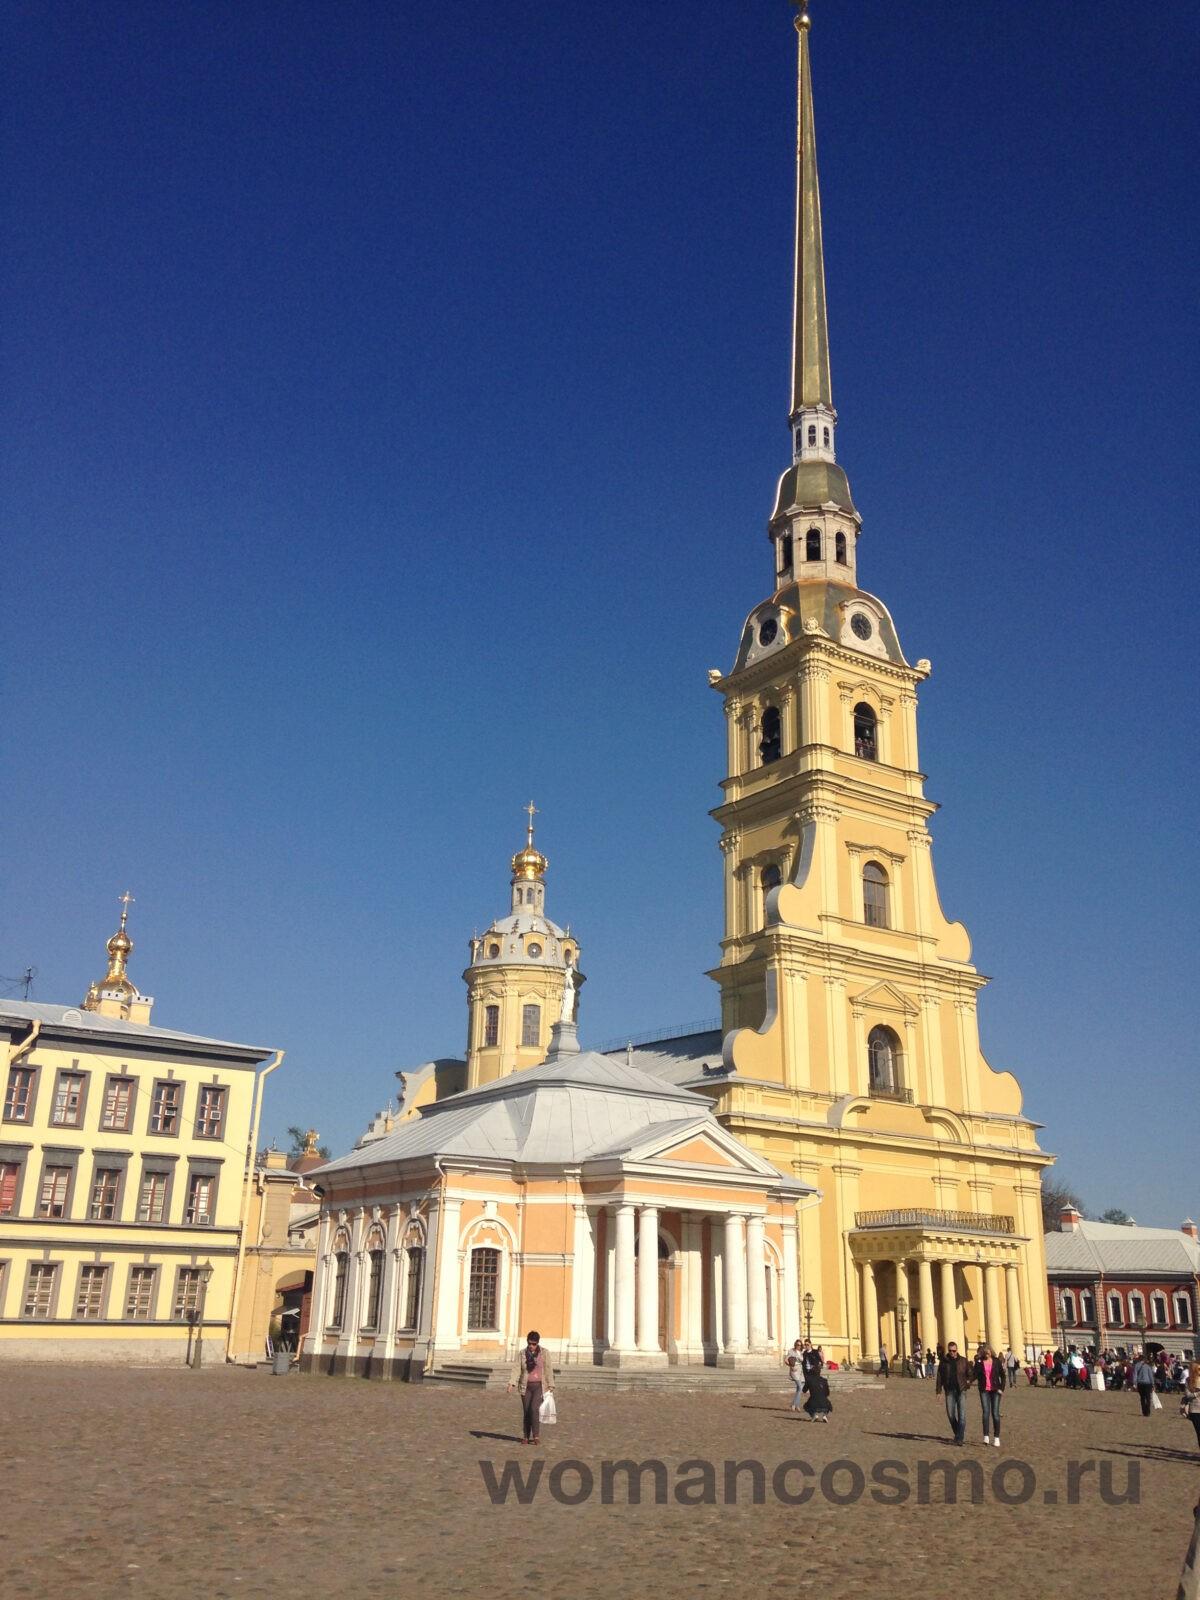 Редко такое небо бывает в Санкт-Петербурге